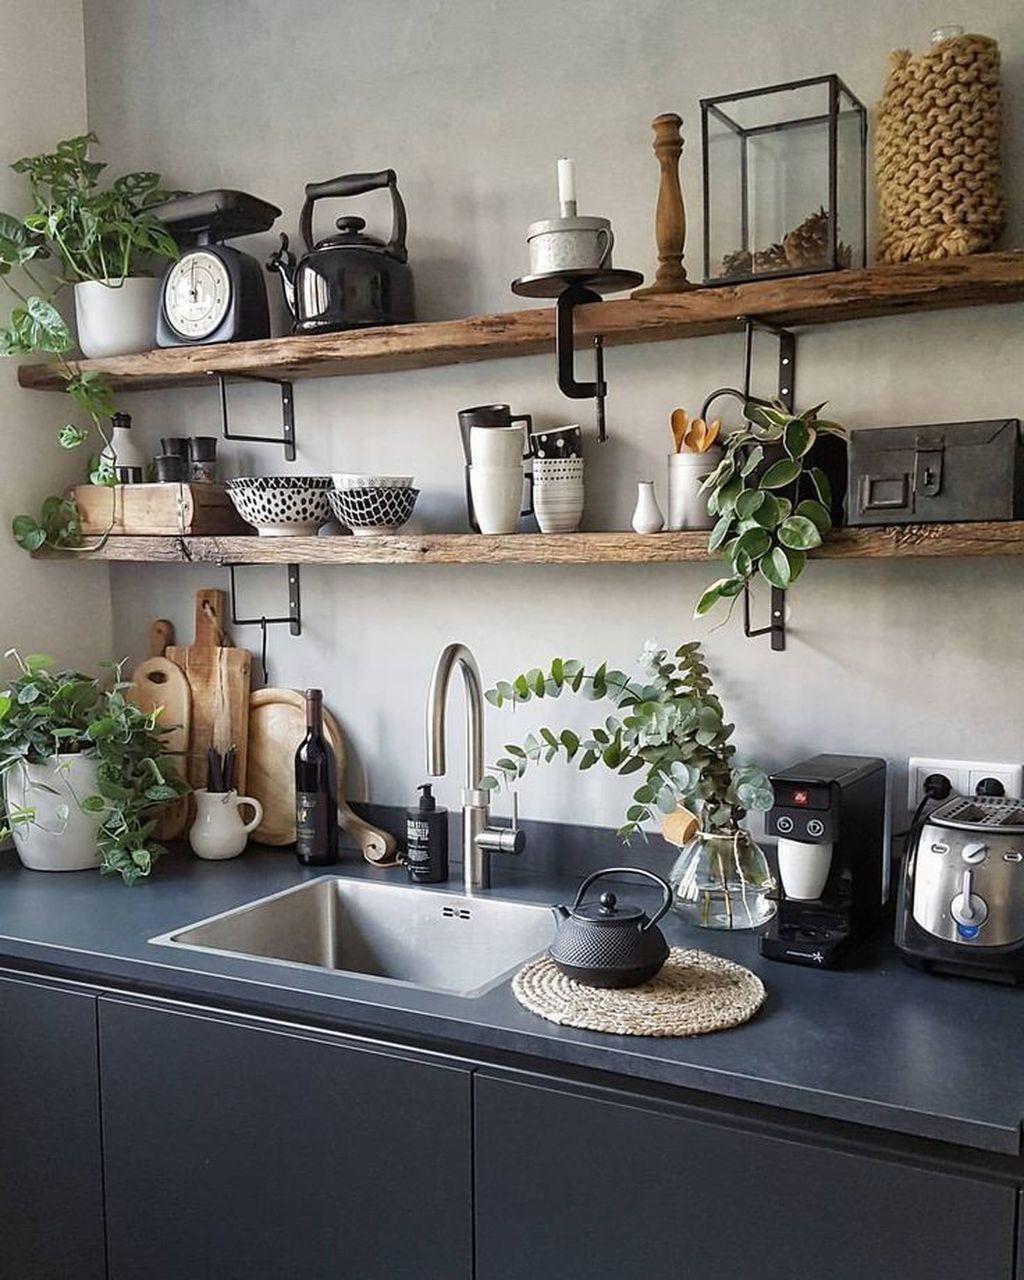 46 cute and small kitchen design ideas   Kitchen Design ...